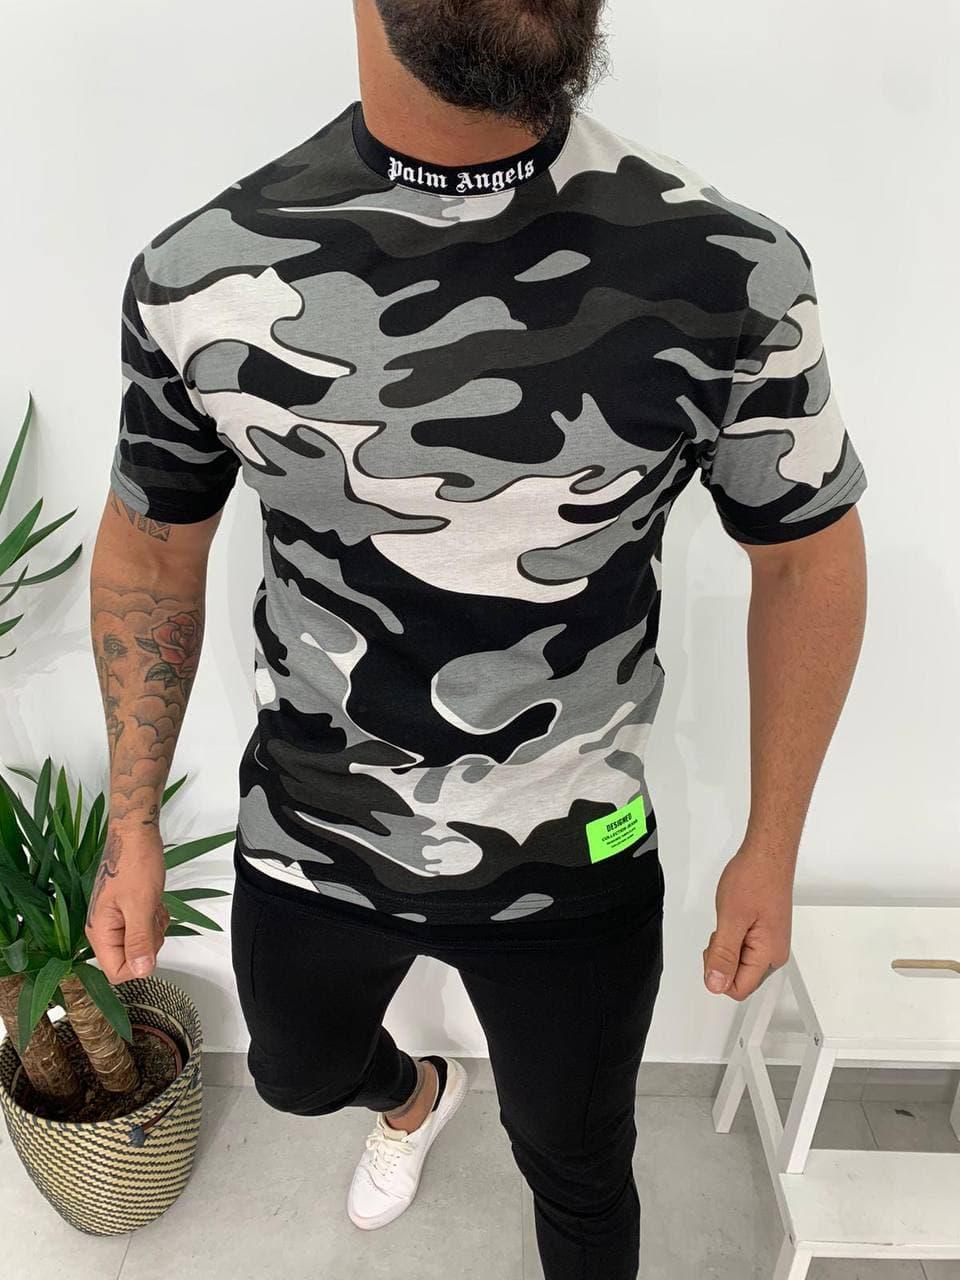 Мужская футболка Palm Angels милитари черно-белая